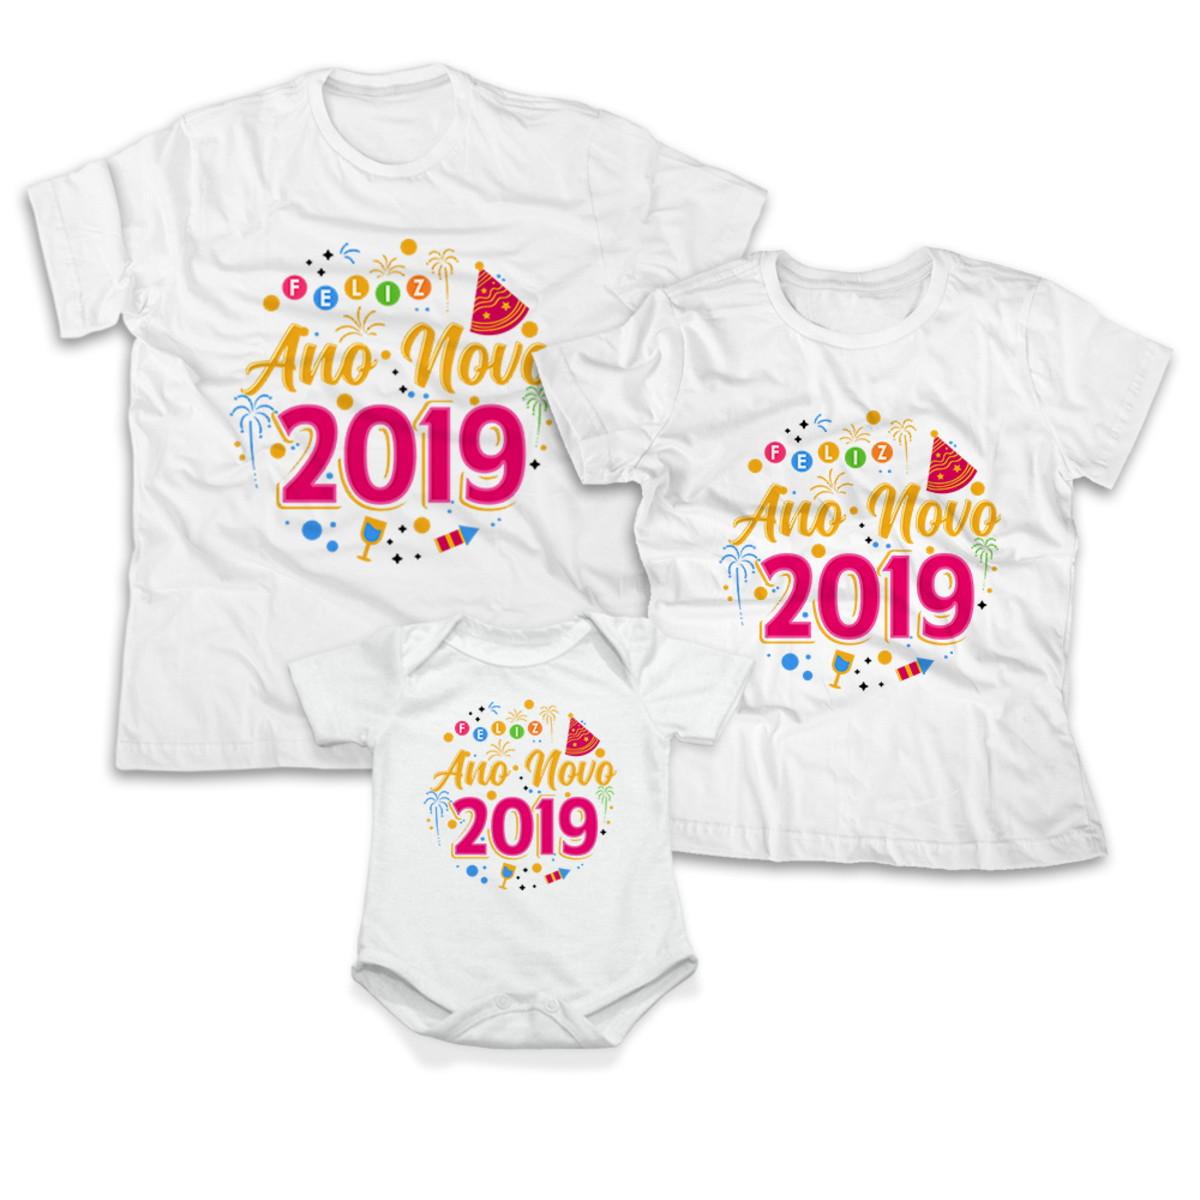 e1ad695083 Kit Camisetas feliz ano novo uma excelente opo voc e sua